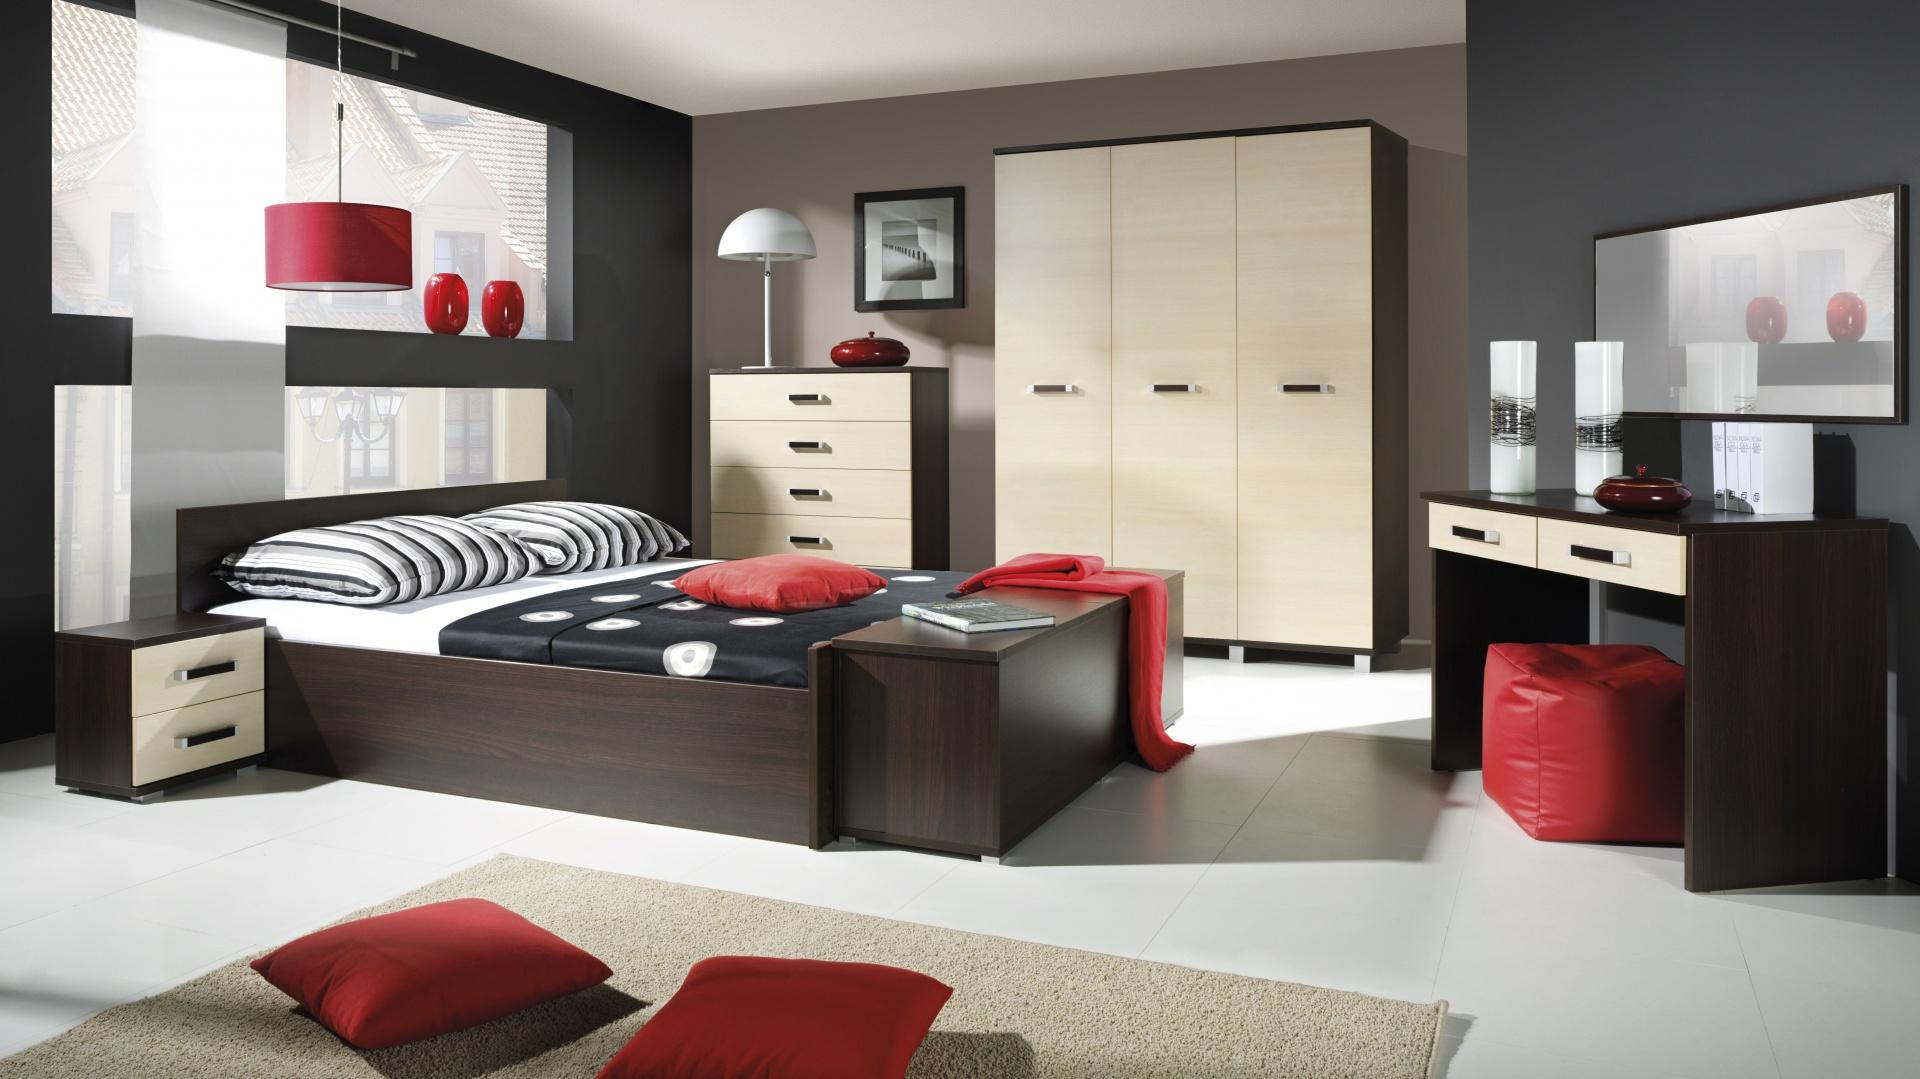 Kolekcja Maximus to funkcjonalne meble do sypialni, które pozwolą stworzyć wygodną i praktyczną aranżację. Połączenie beżowych frontów z ciemnym odcieniem drewna dodatkowo sprawi, że wnętrze będzie przytulne. Fot. Maridex.